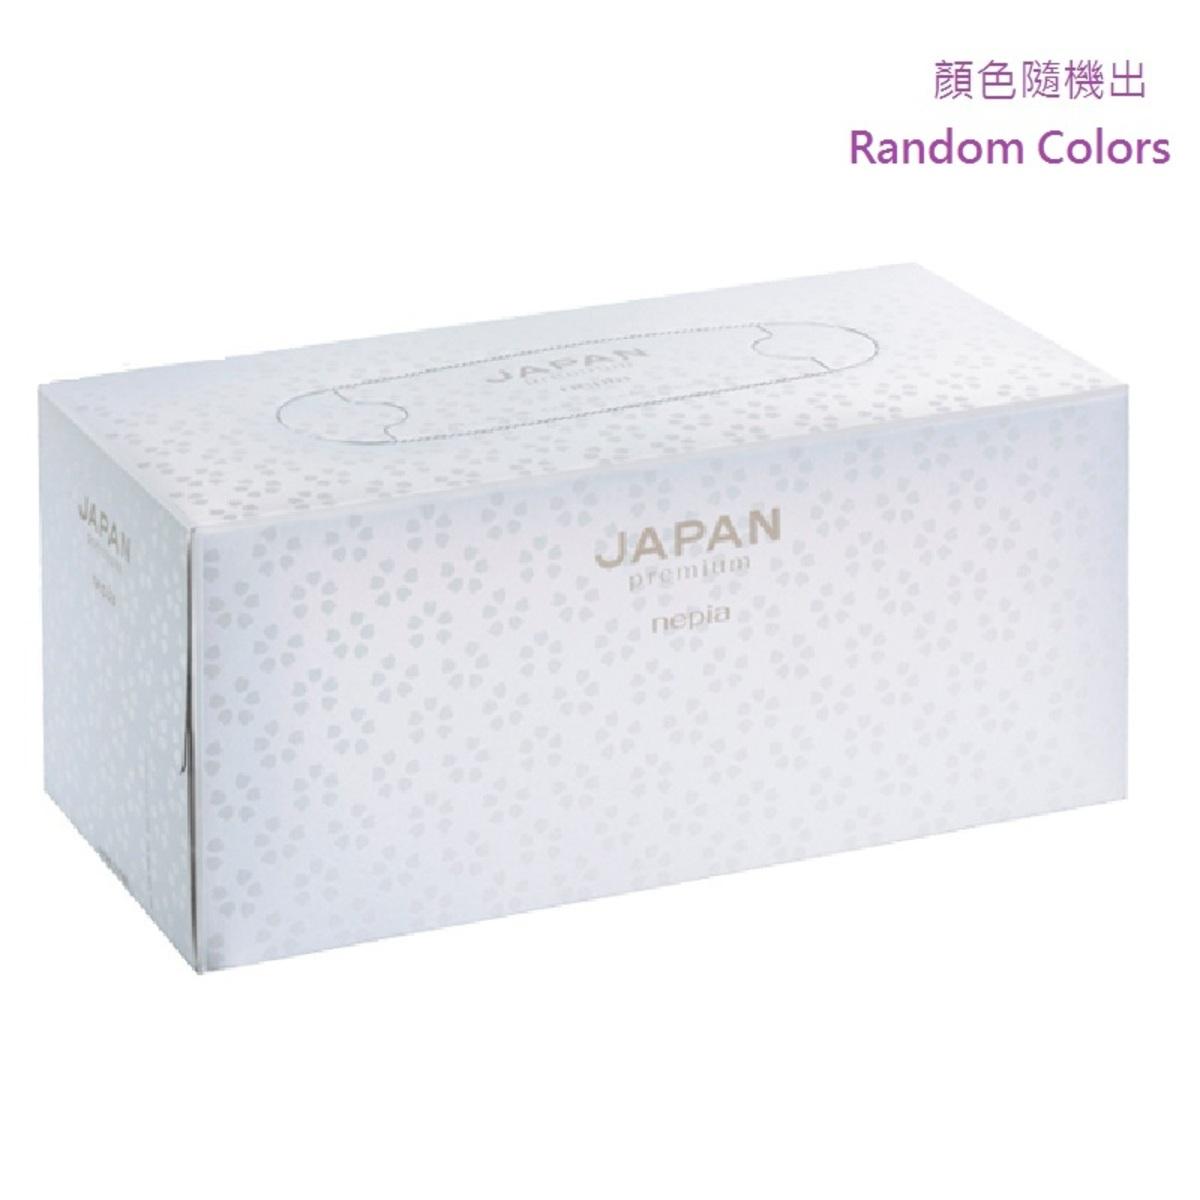 Nepia Japan Premium 優質柔軟鼻敏感紙 (顏色隨機出) 220張